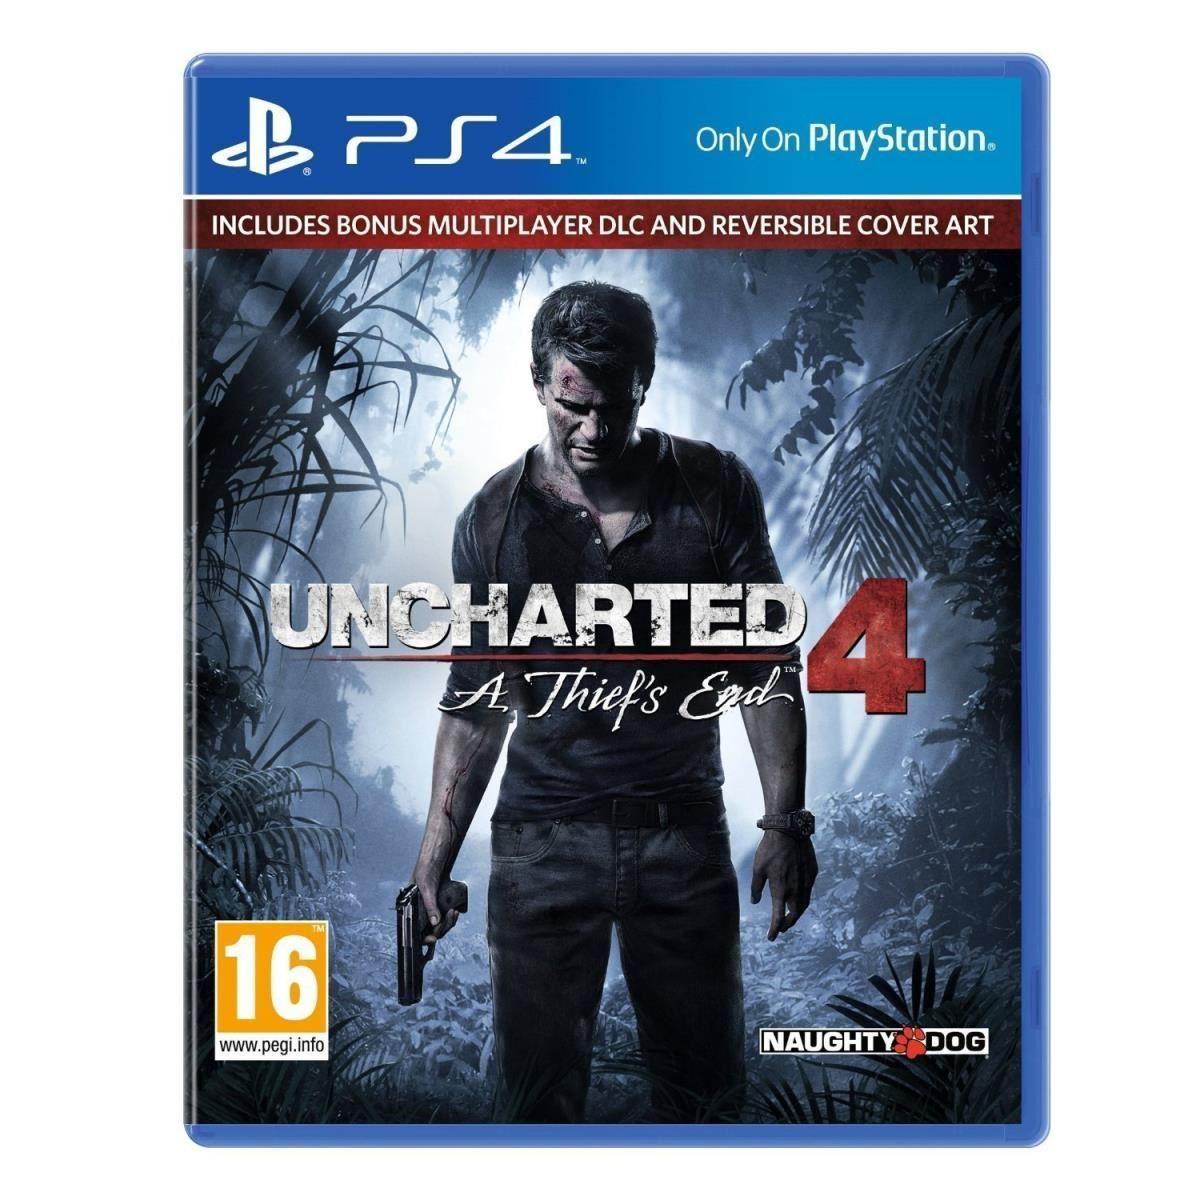 Uncharted 4 sur PS4 (+0.83€ en superpoints)